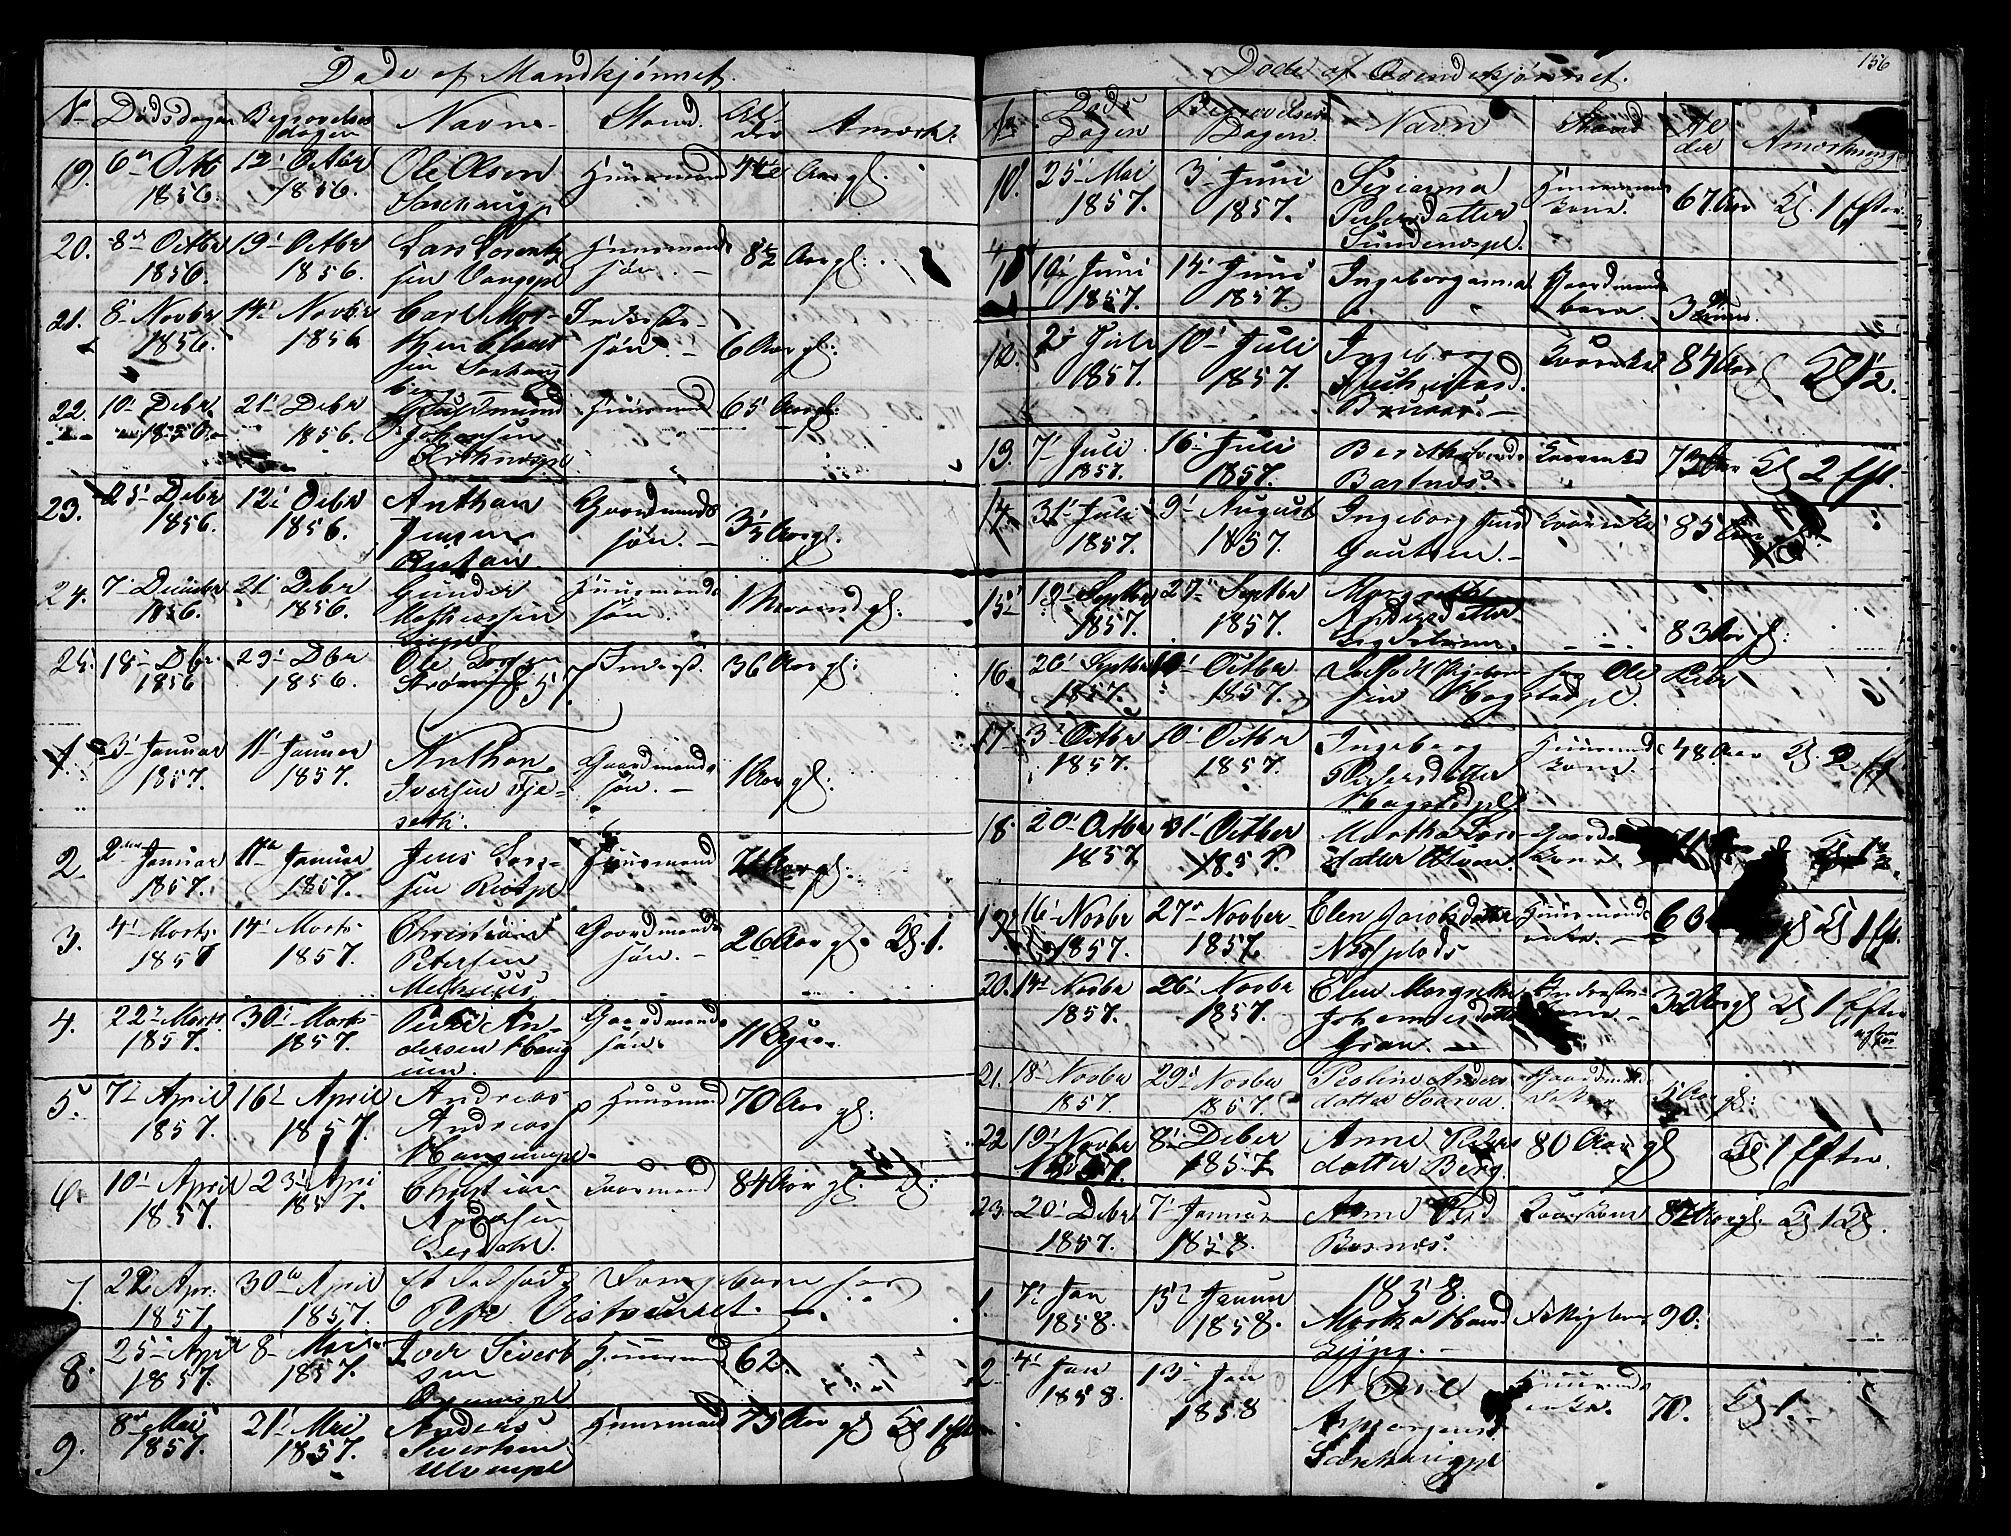 SAT, Ministerialprotokoller, klokkerbøker og fødselsregistre - Nord-Trøndelag, 730/L0299: Klokkerbok nr. 730C02, 1849-1871, s. 156